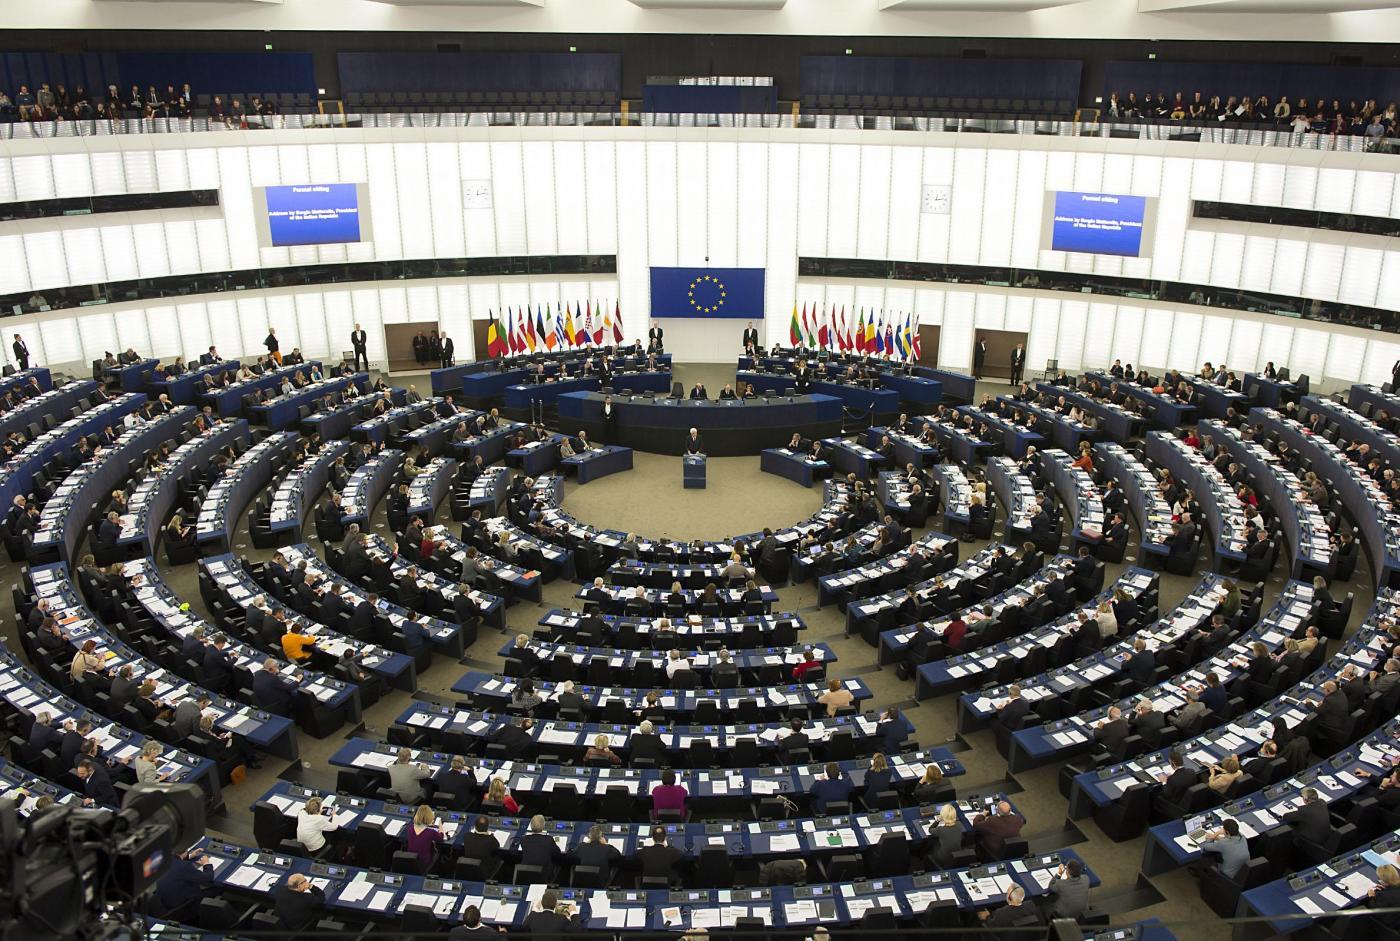 Presidente Parlamento Europeo: 3 italiani tra i candidati all'elezione, ecco chi sono